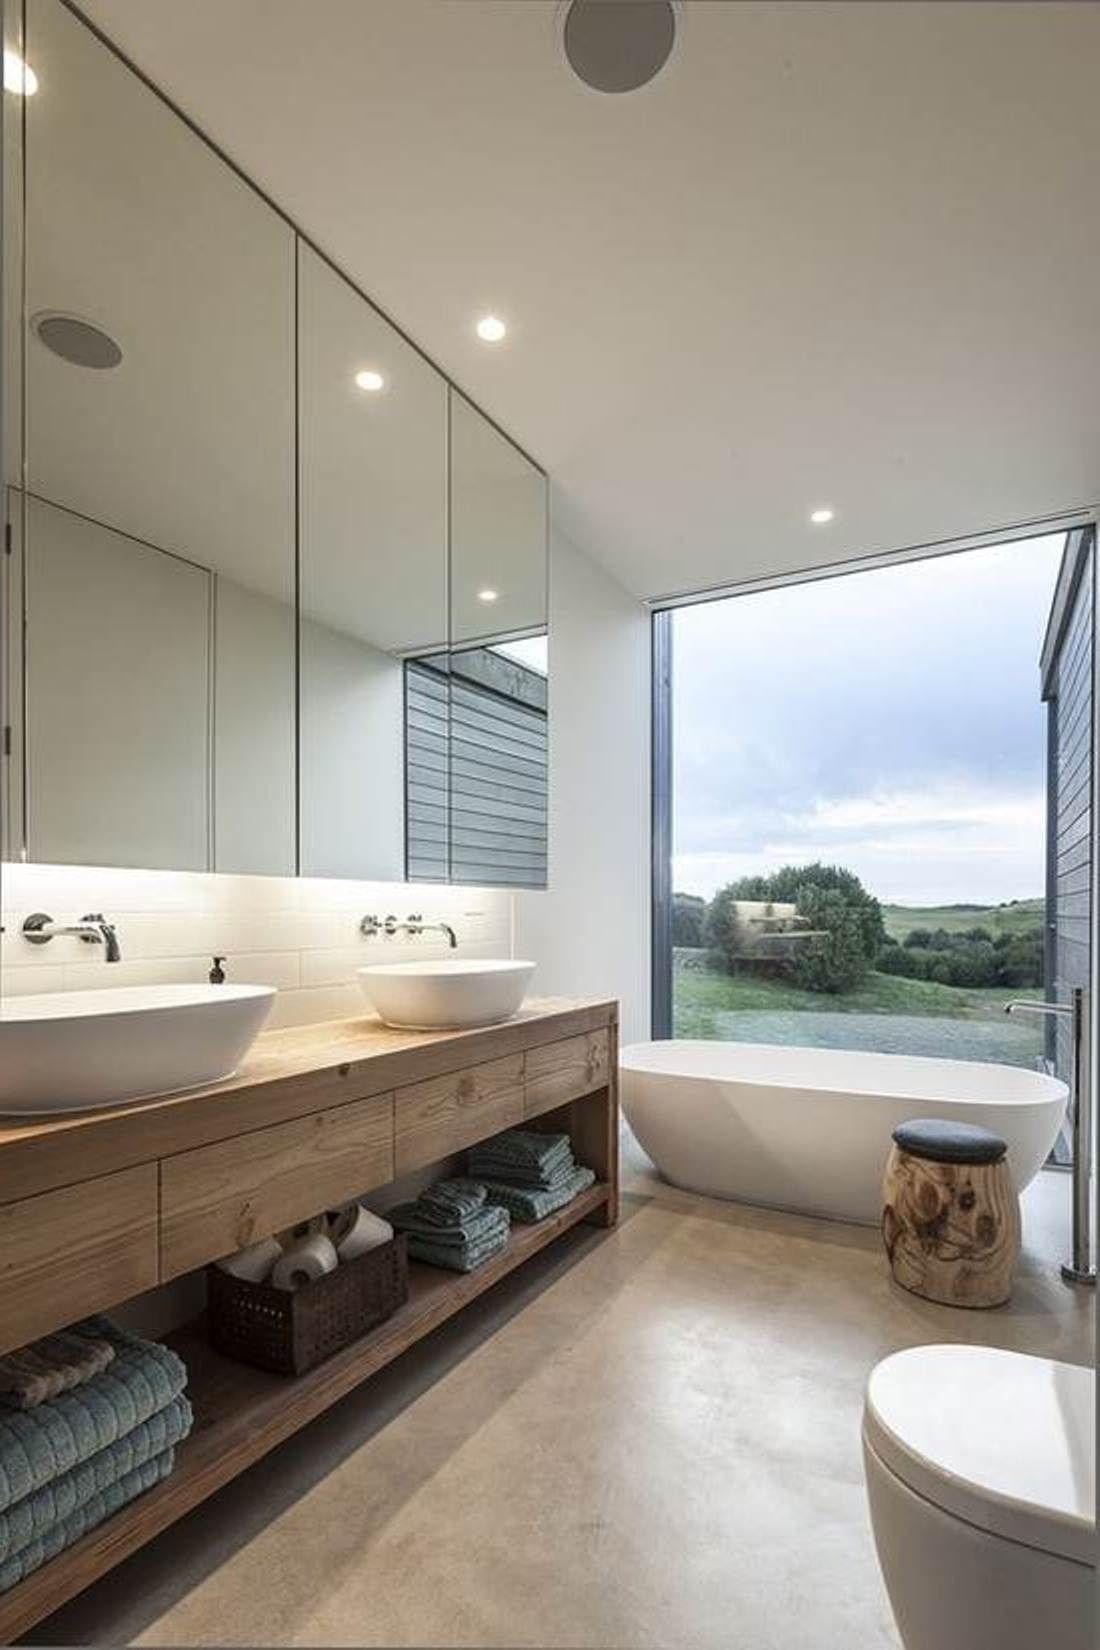 Pin von Rita Almela auf Home - bathroom | Pinterest | Badezimmer und ...